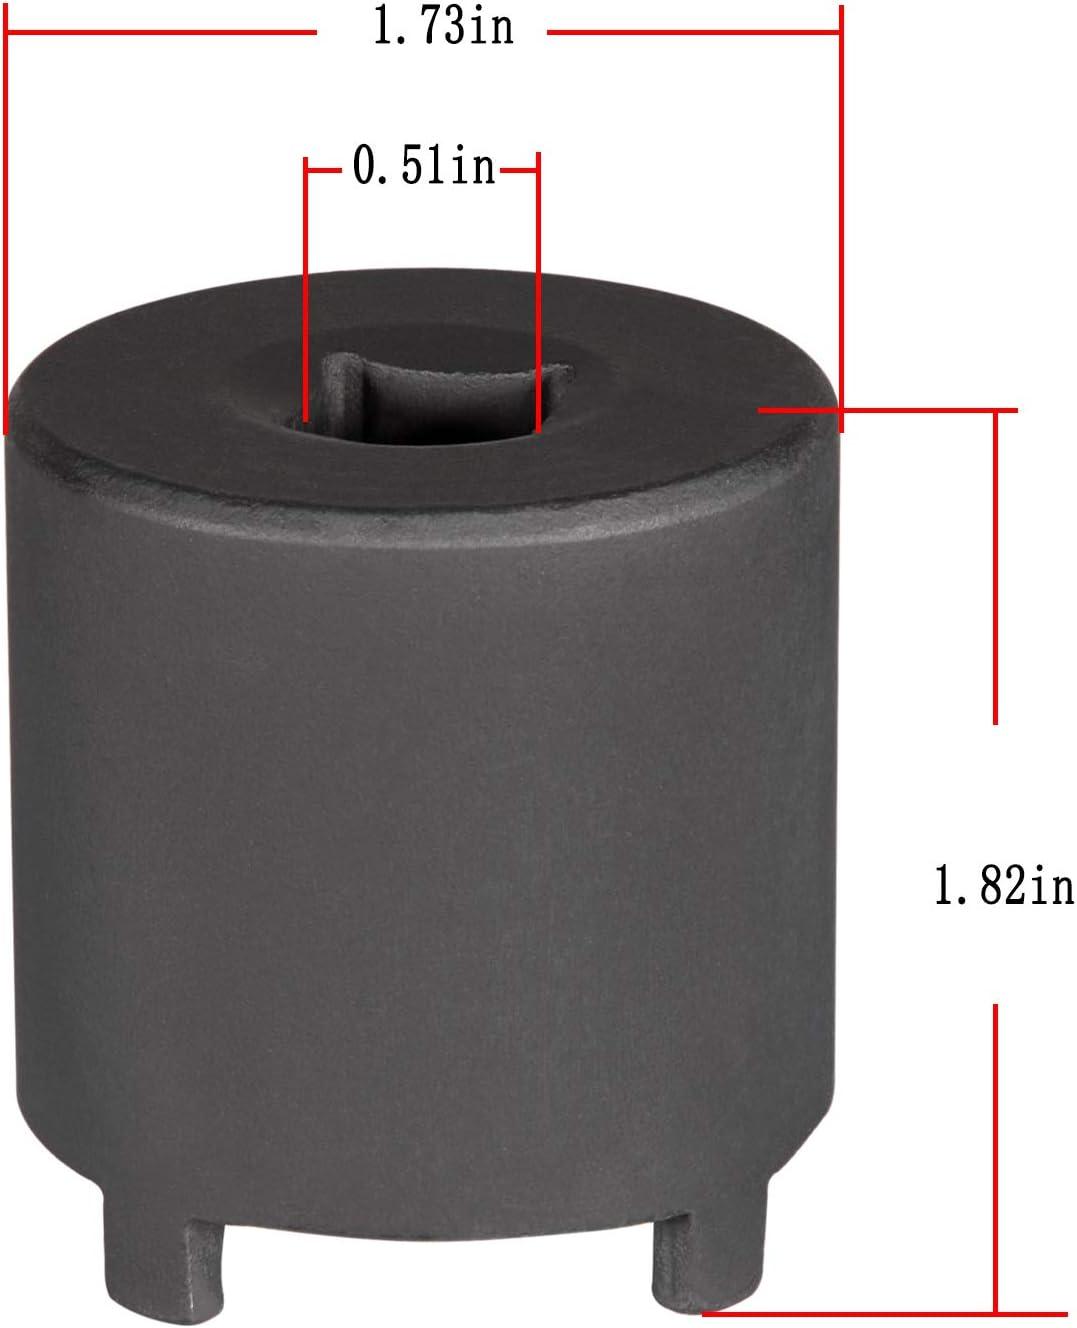 4 Drive Pins Opall 7217 Axle Locknut Socket for GM GMT560 Wheel NUT Socket 1 1//8 1//2 Drive Tools Like OTC Tools /& Equipment 1-3//4 O.D.